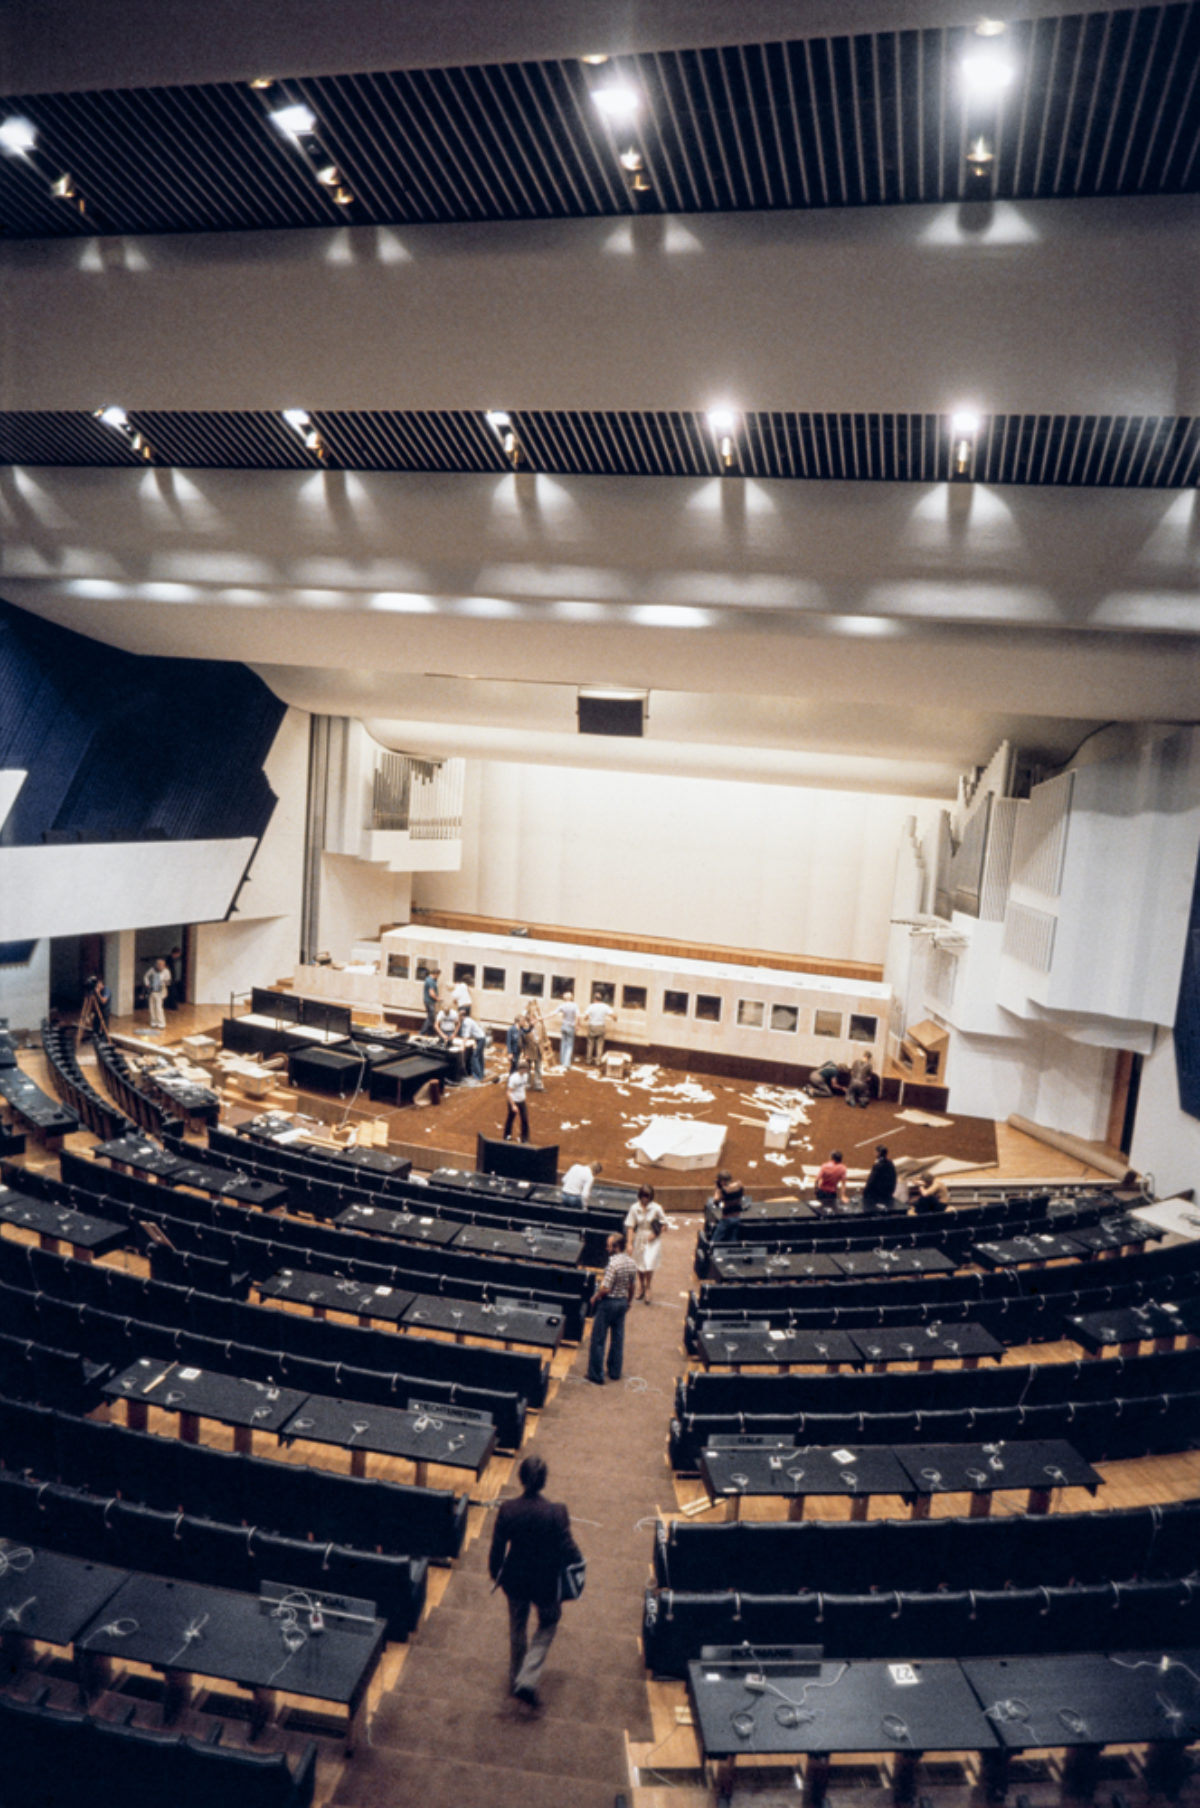 ESSK:s avslutande dokument, Helsingforskonventionen, undertecknades 1.8.1975. Konferensen har upphört. Foto: PF-team / Pressfoto Zeeland / JOKA / Museiverket